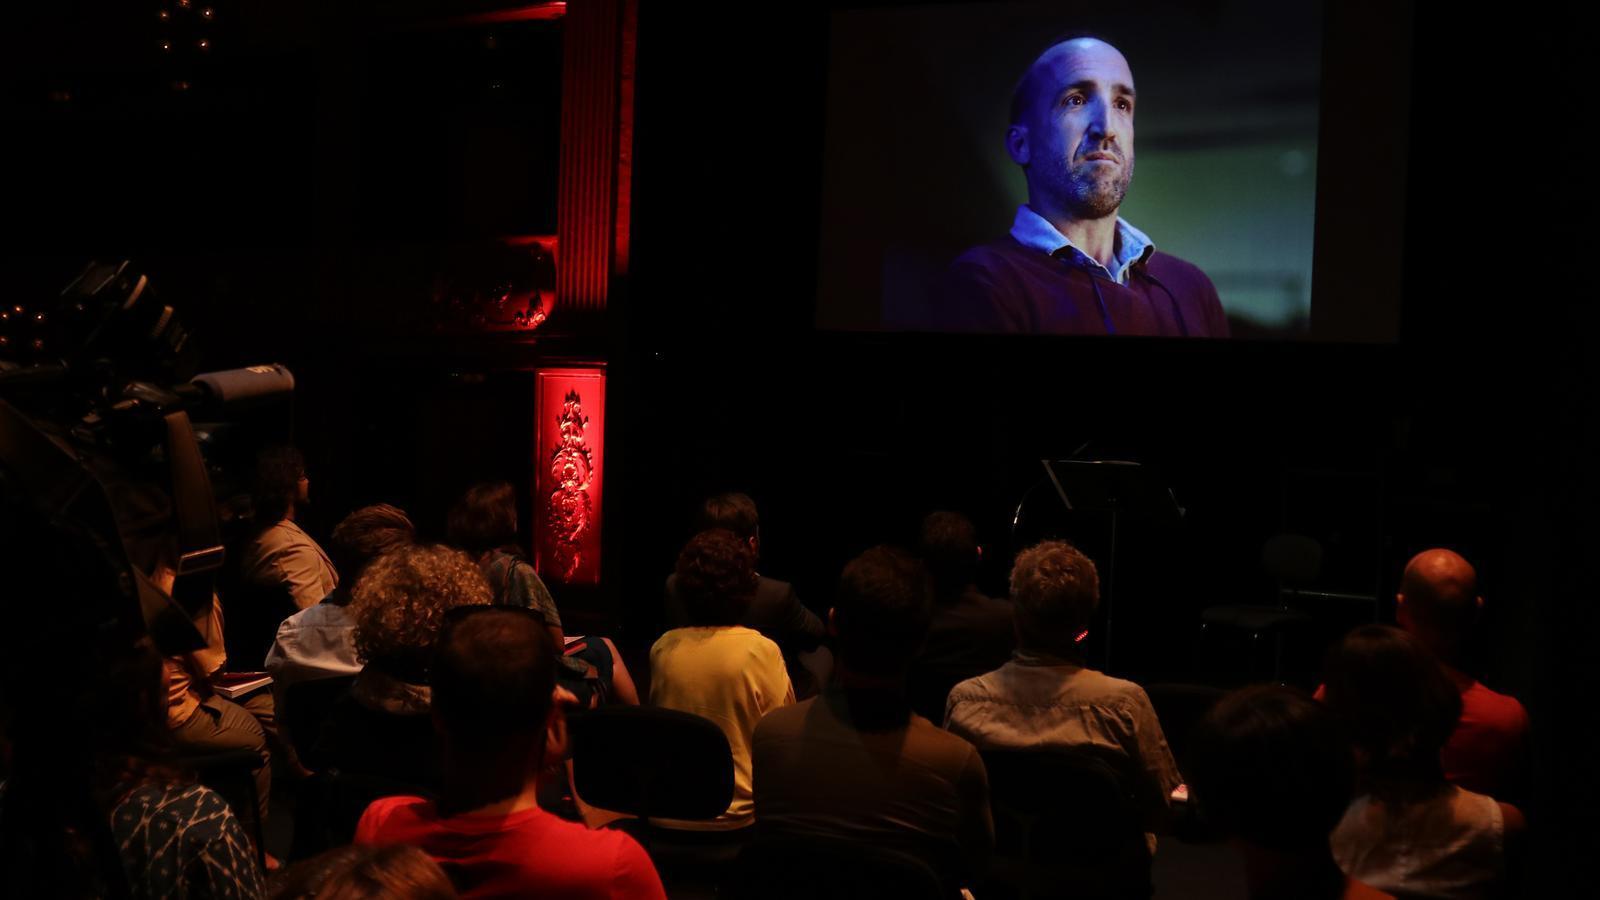 Presentació del vídeo promocional de la Temporada 2018-2019 del Teatre Principal./ISMAEL VELÁZQUEZ